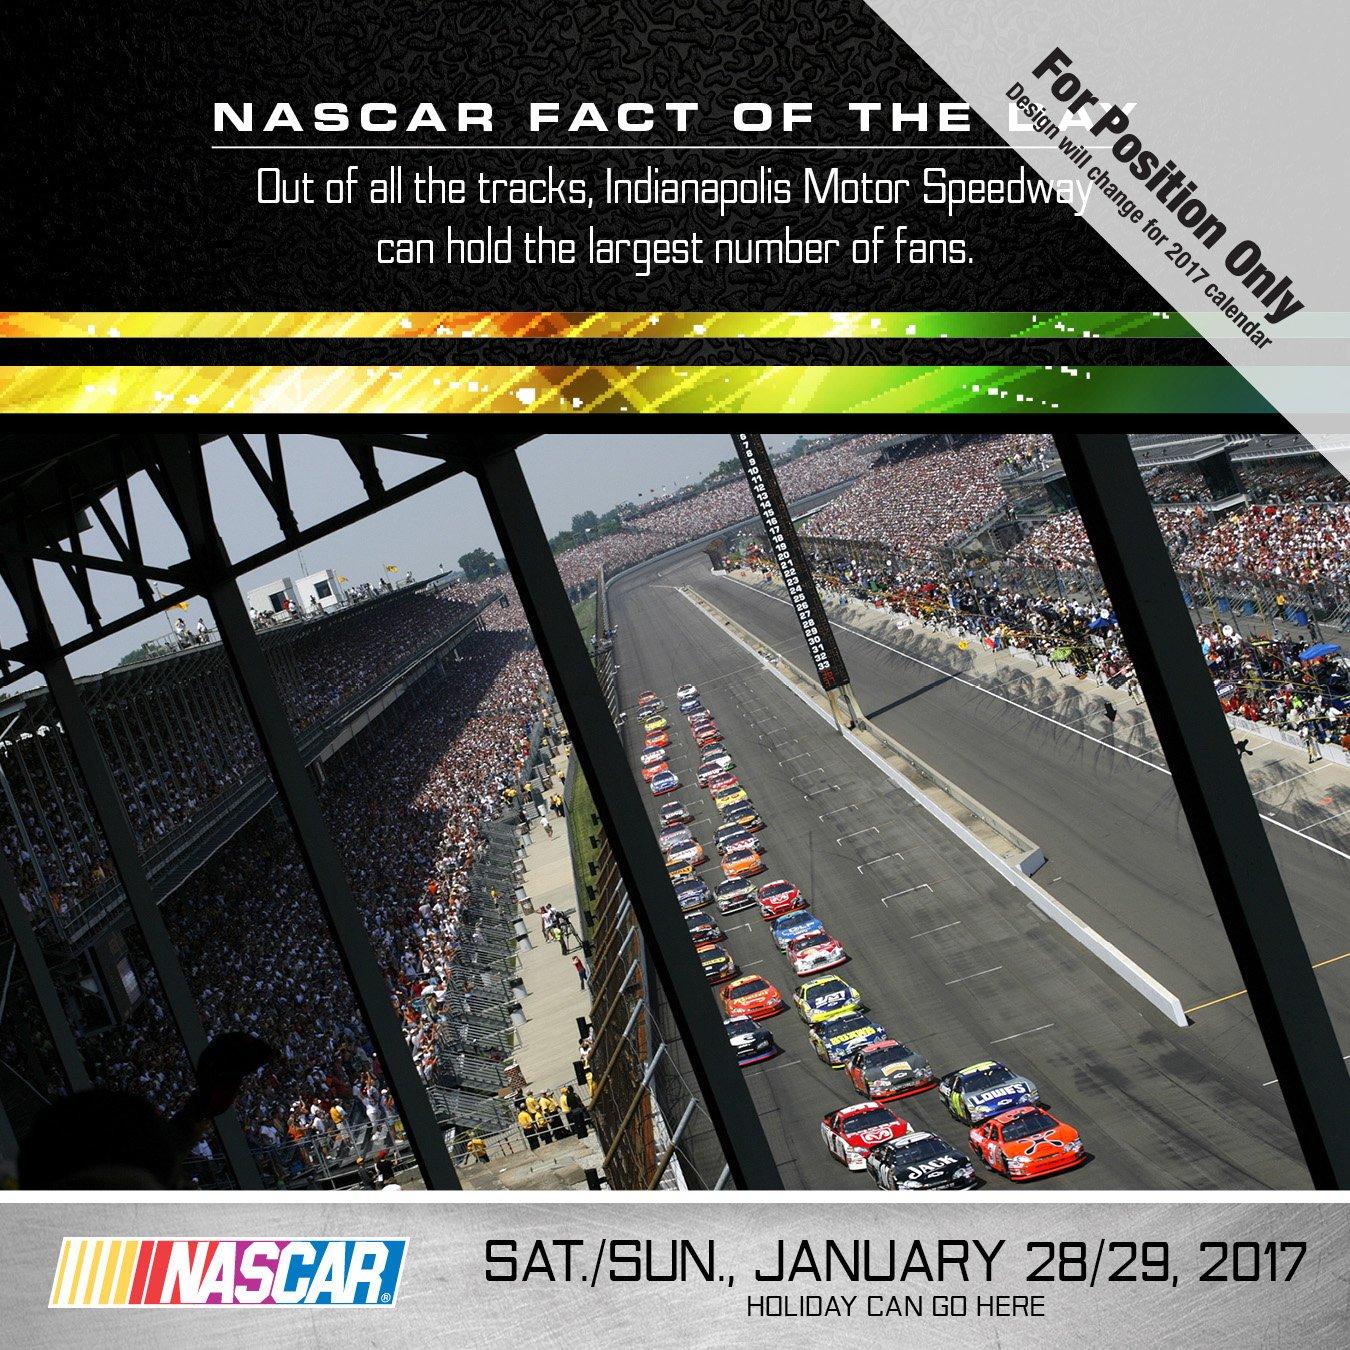 2017 NASCAR Facts Daily Desktop Calendar: Nascar: 9781624388002:  Amazon.com: Books